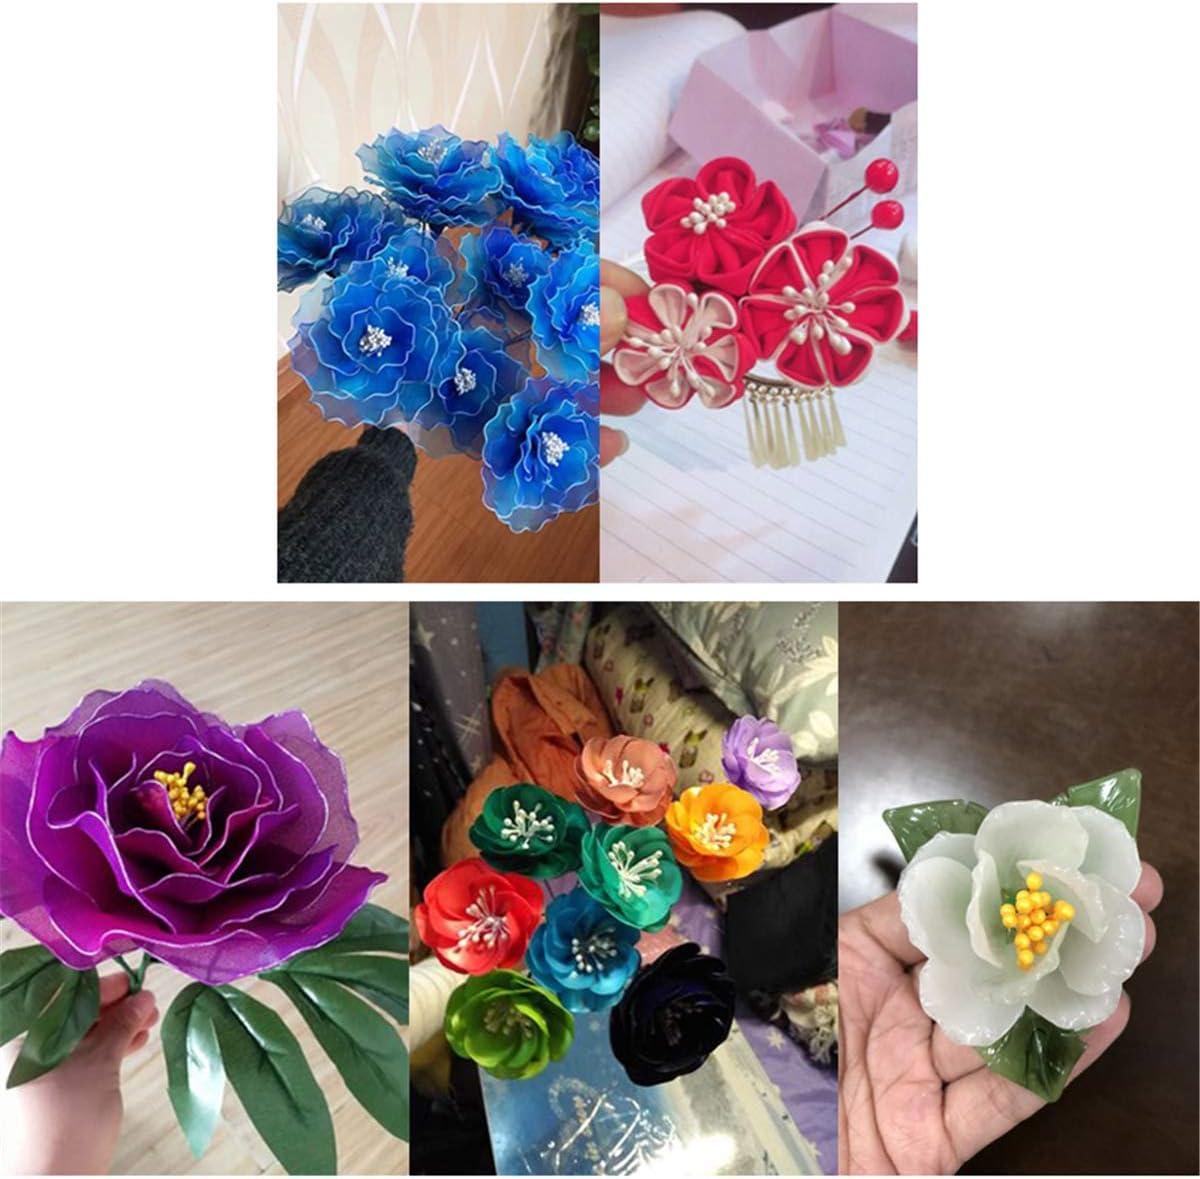 ECYC 900pcs Al/éatoire Mixte Double T/êtes Fleur /Étamine pour la Fabrication de Fleurs DIY Artificielle Mini Perle Fleur /Étamine Pistil